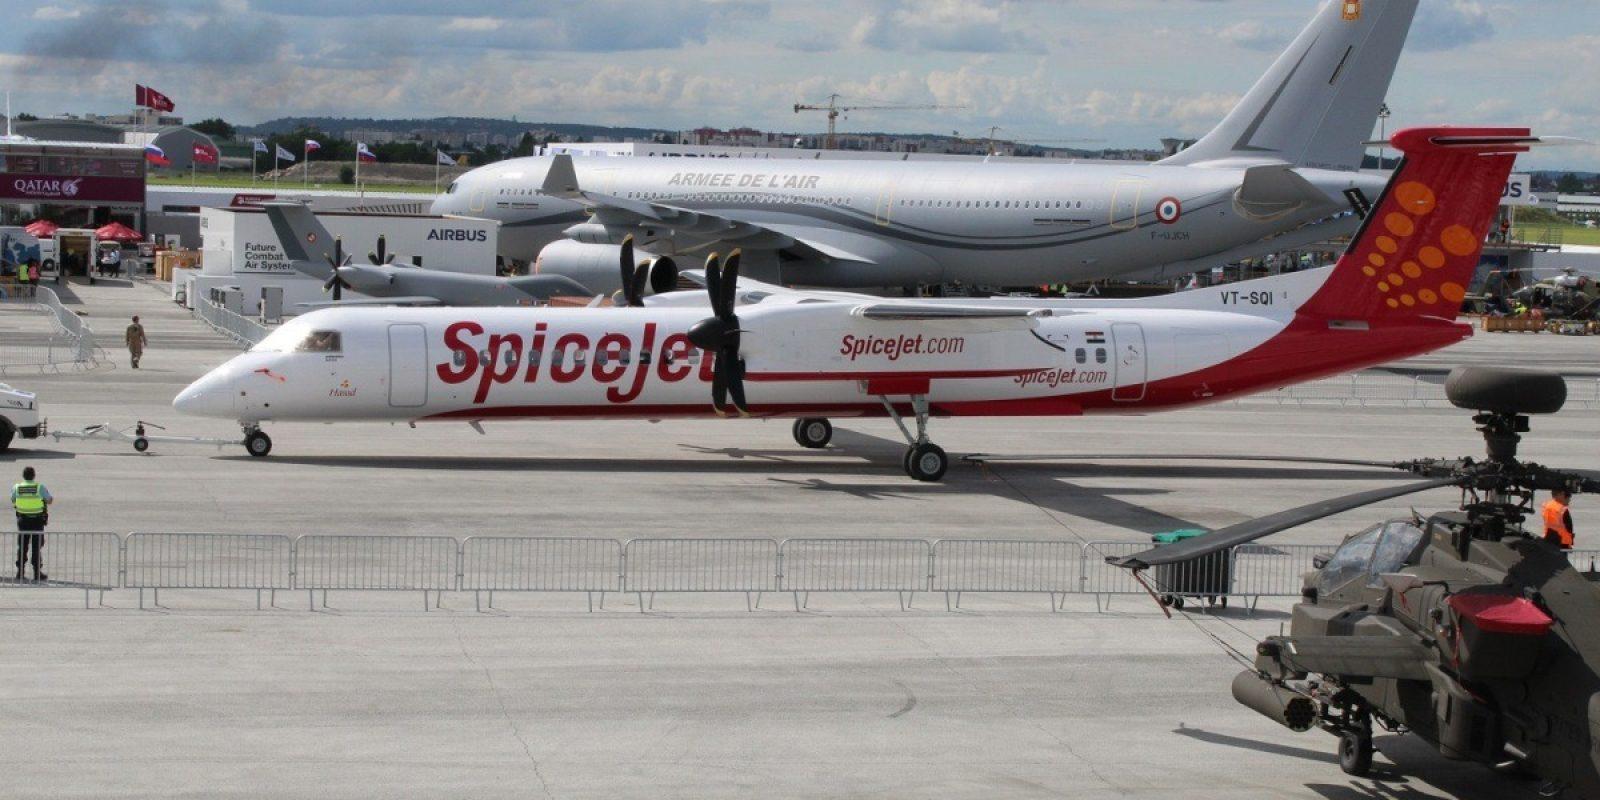 Bombardier a revendu son programme de bi-turbopropulseurs Dash 8 à Longview, qui lui avait déjà racheté la famille des Twin Otter pour sa filiale Viking Air. Le DHC-8-402 VT-SQI msn 4596 était présent aux couleurs de la compagnie indienne Spice Jet. (Photo Guy Viselé)